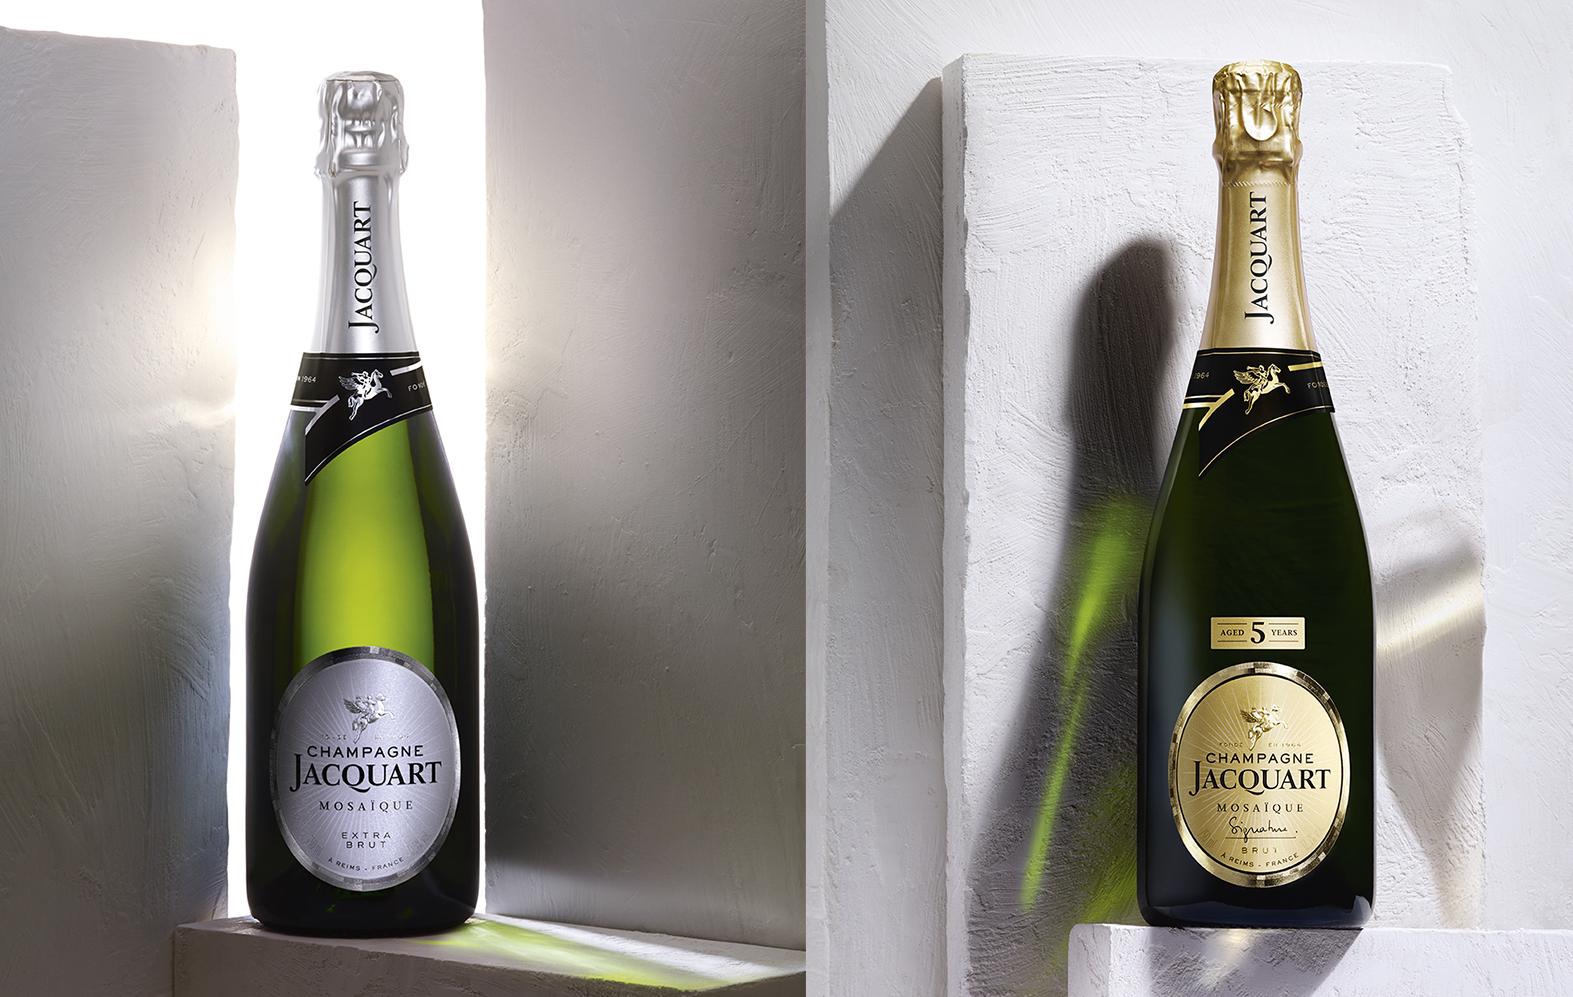 Champagne Jacquart - Un design pensé par l'agence de design de Paris Partisan du Sens.